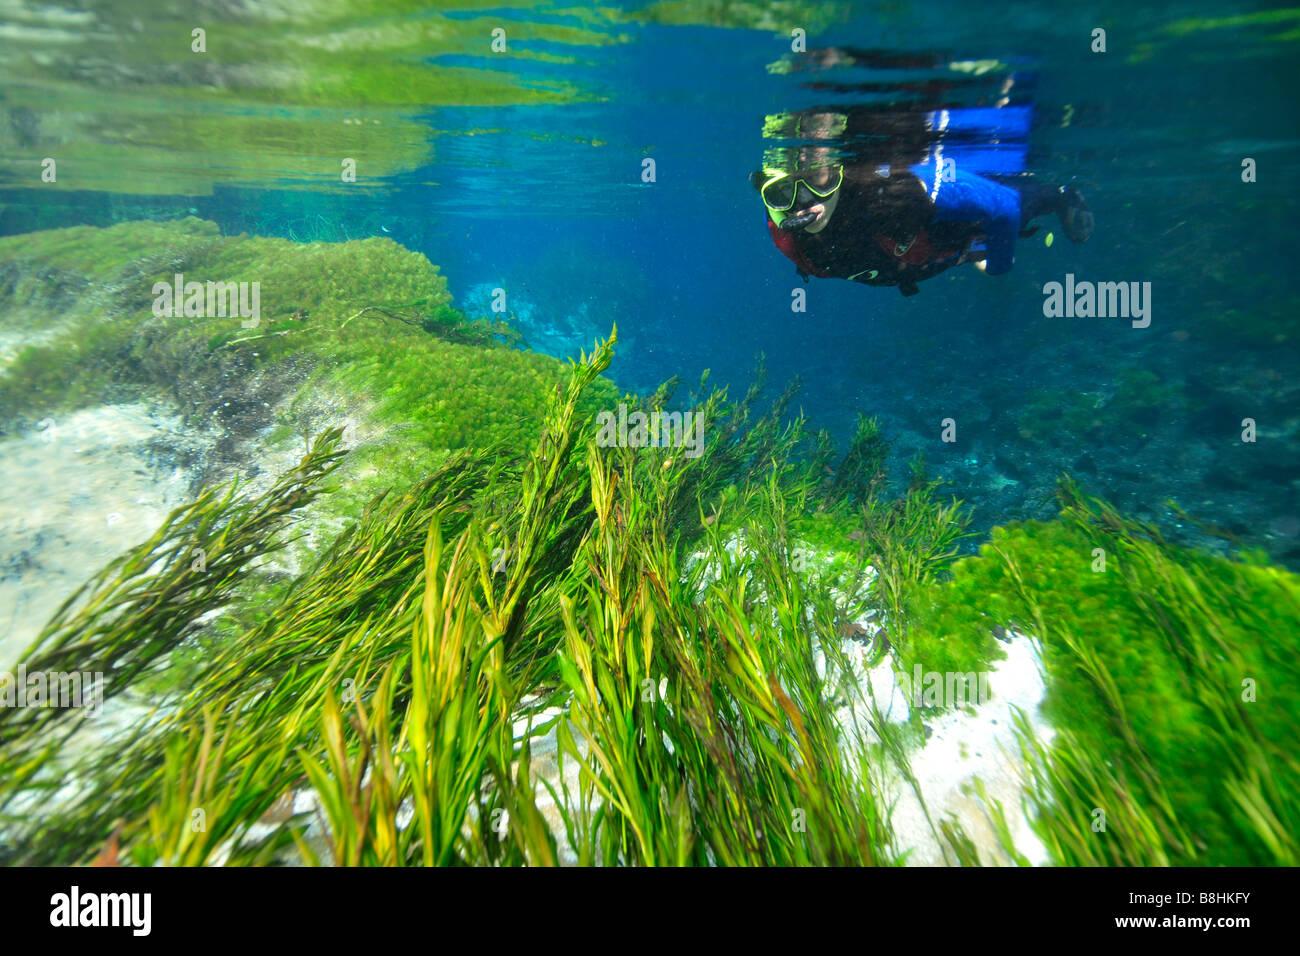 Diver and underwater vegetation at Sucuri river Bonito Mato Grosso do Sul Brazil - Stock Image